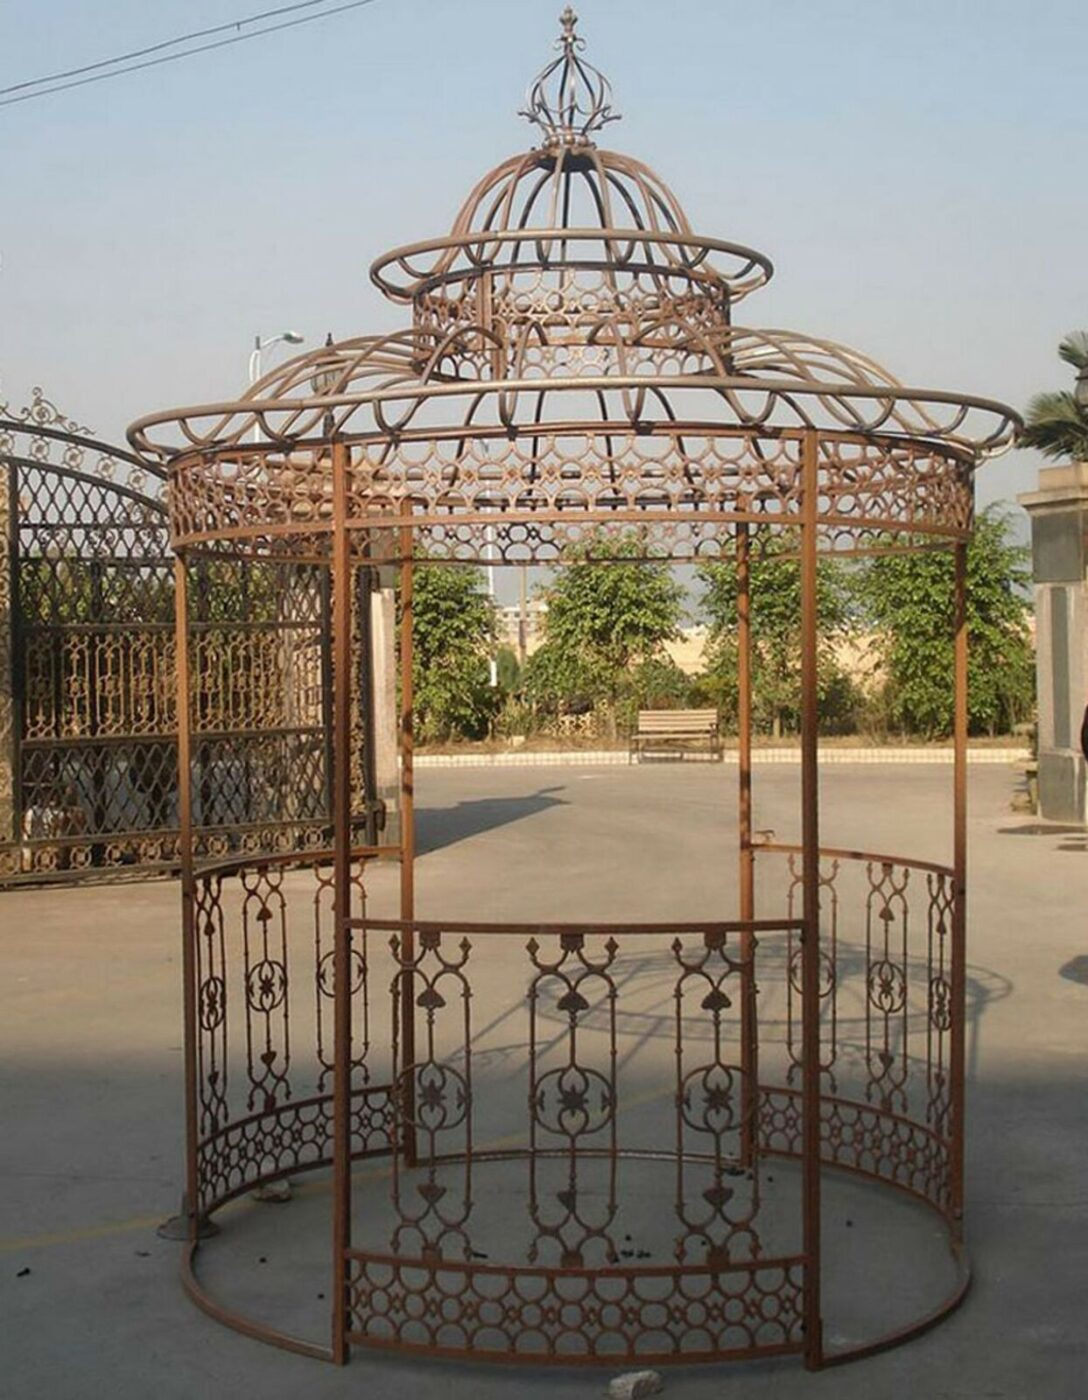 Large Size of Pavillon Eisen Gartenpavillon Rund Festzelt Partyzelt Metall Garten Wohnzimmer Pavillon Eisen